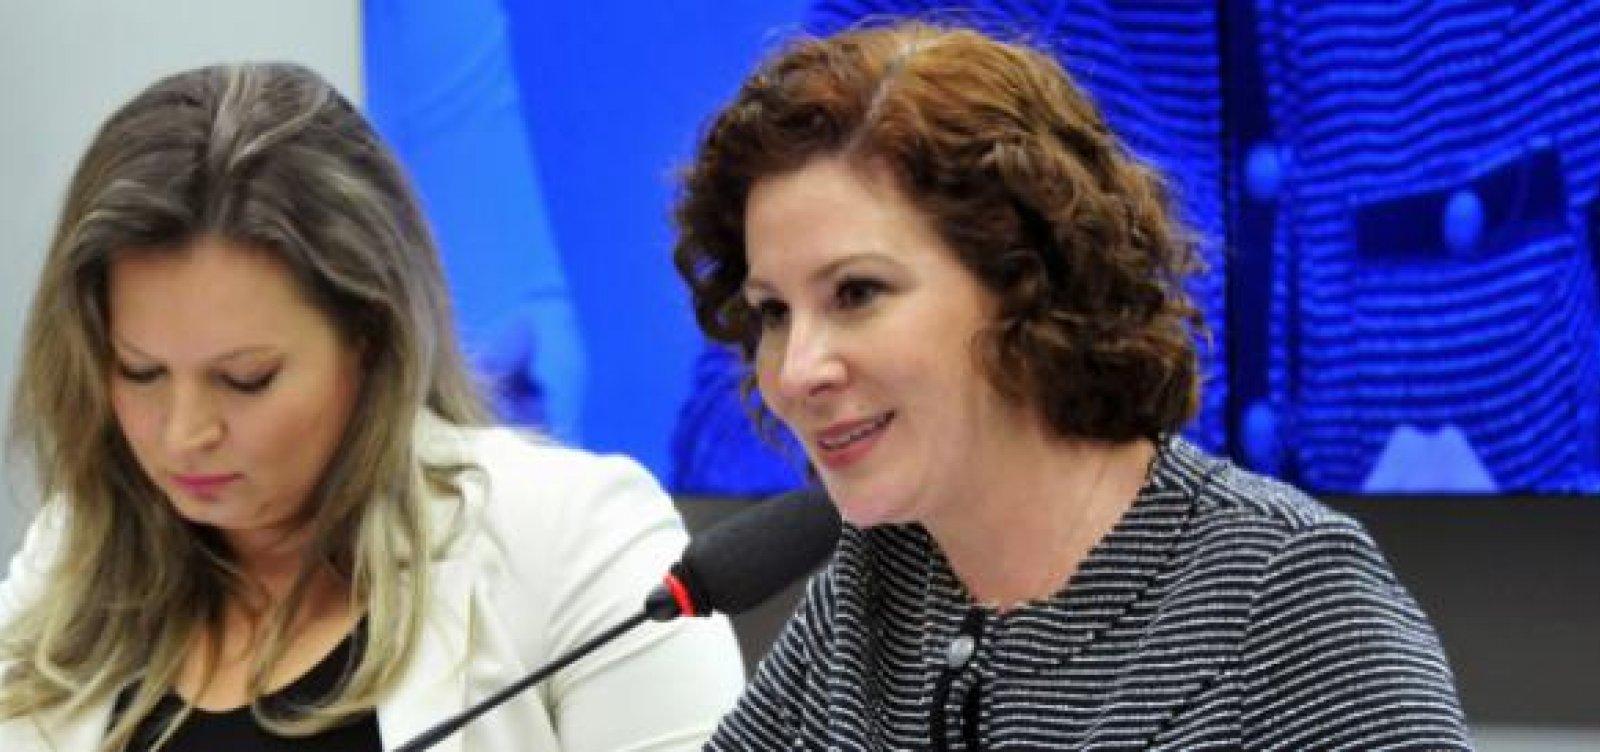 Líder do governo no Congresso Nacional troca farpas com deputada no Twitter